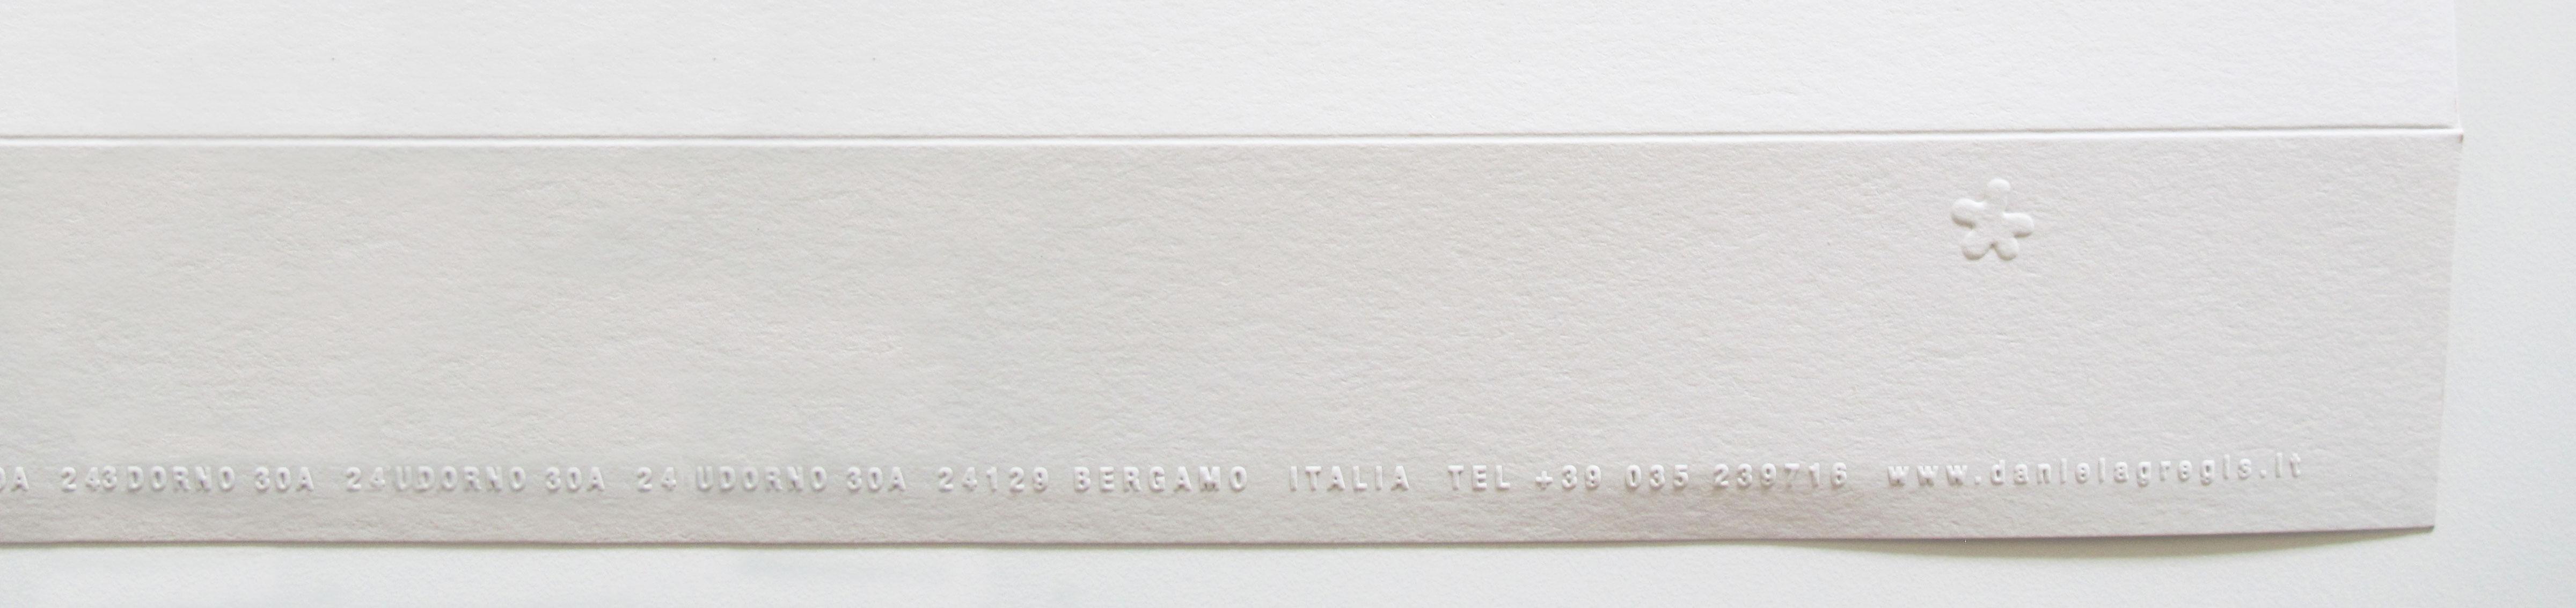 busta design con stampa a rilievo